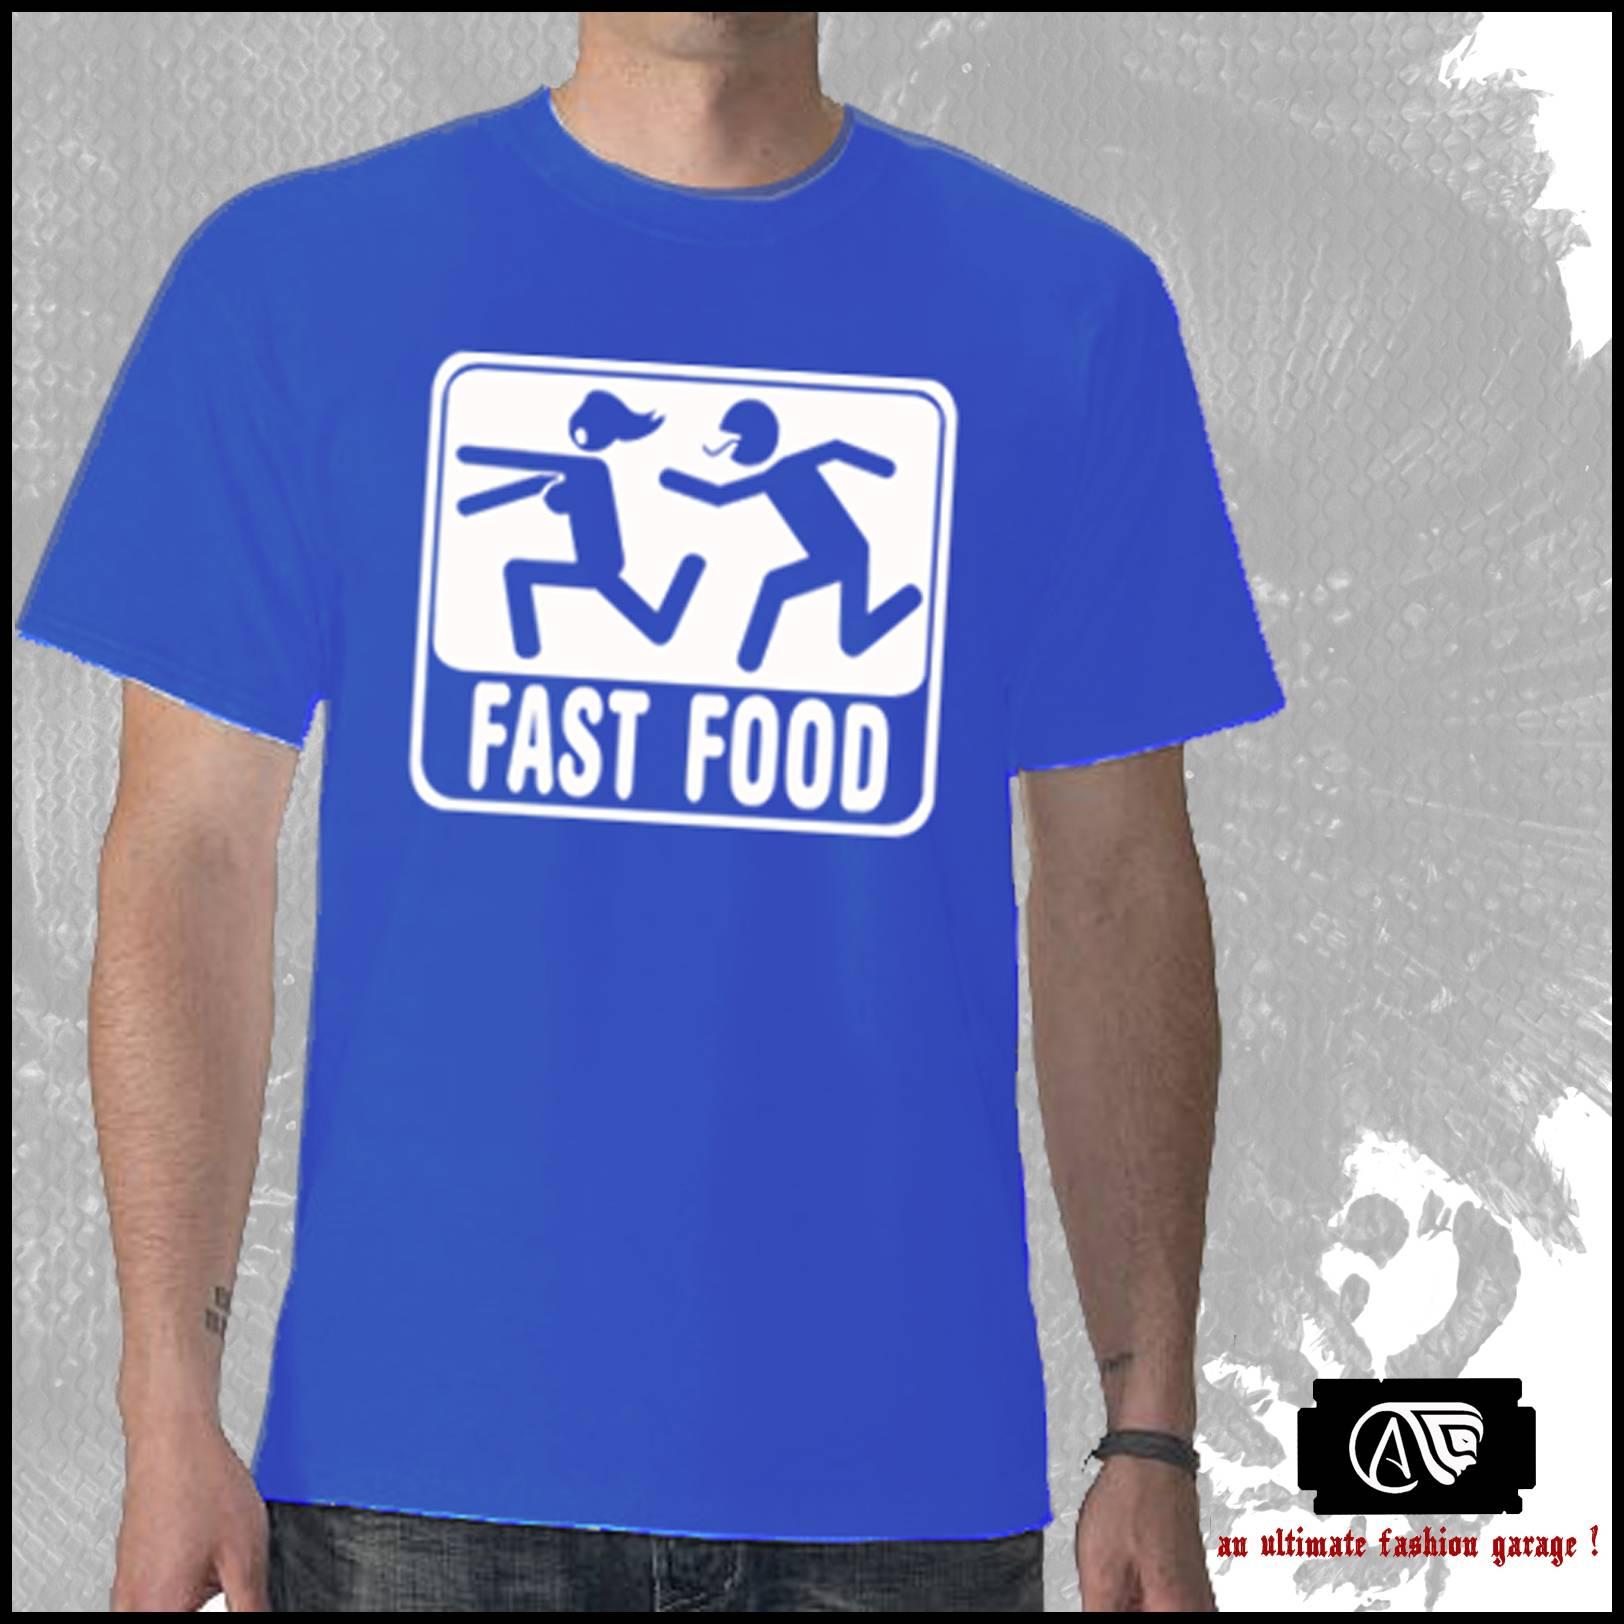 Fast Food - Size - M L XL DXL  | ClickBD large image 0